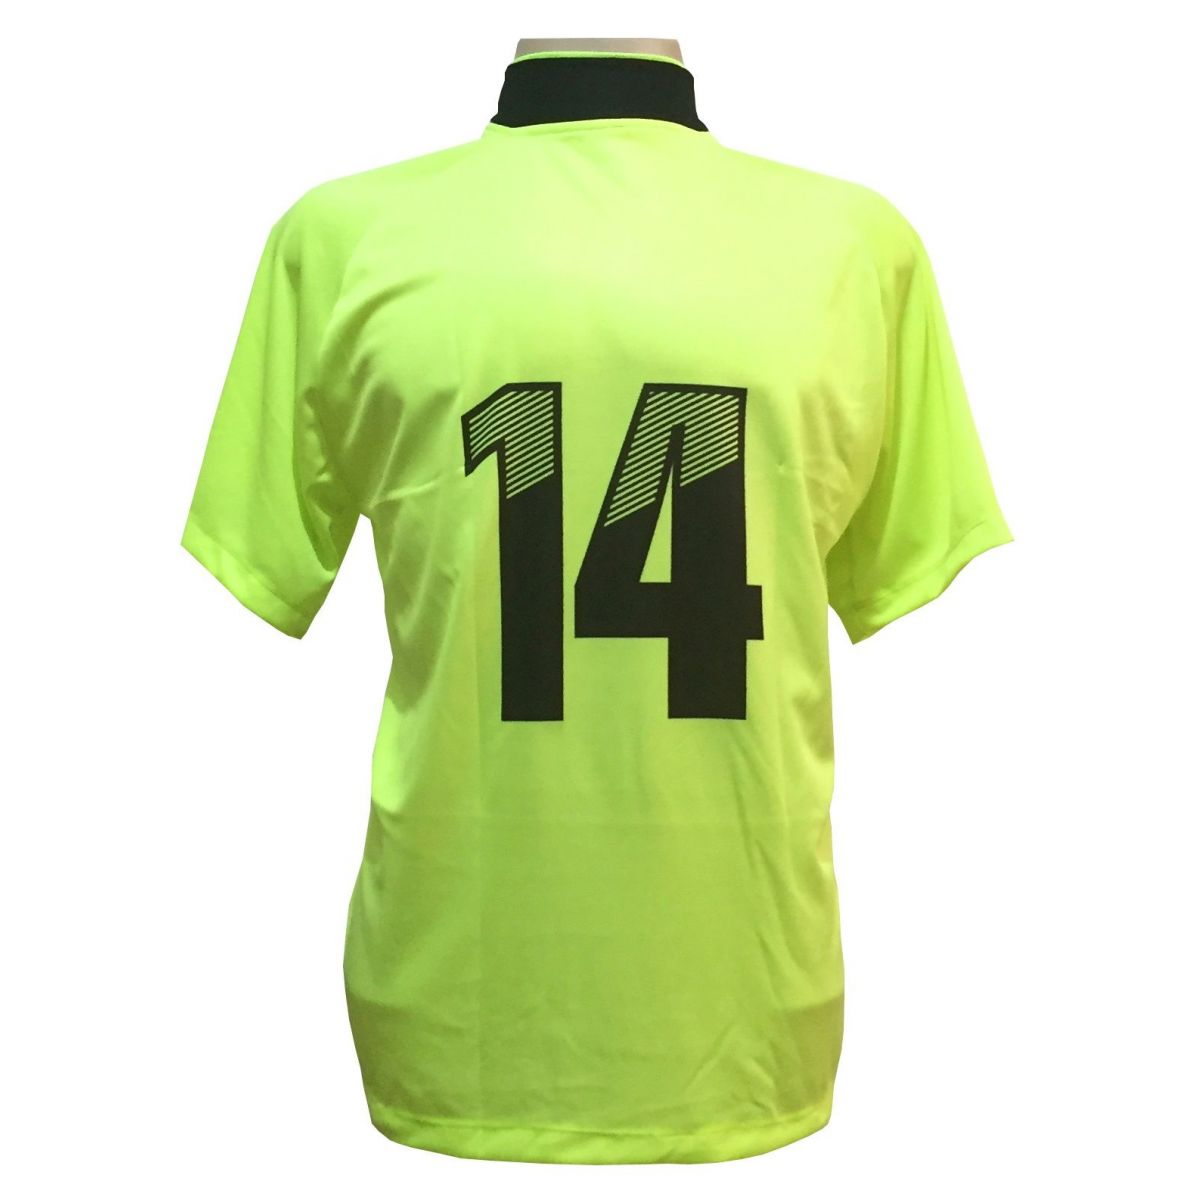 Jogo de Camisa com 12 unidades modelo Milan Limão/Preto  - ESTAÇÃO DO ESPORTE